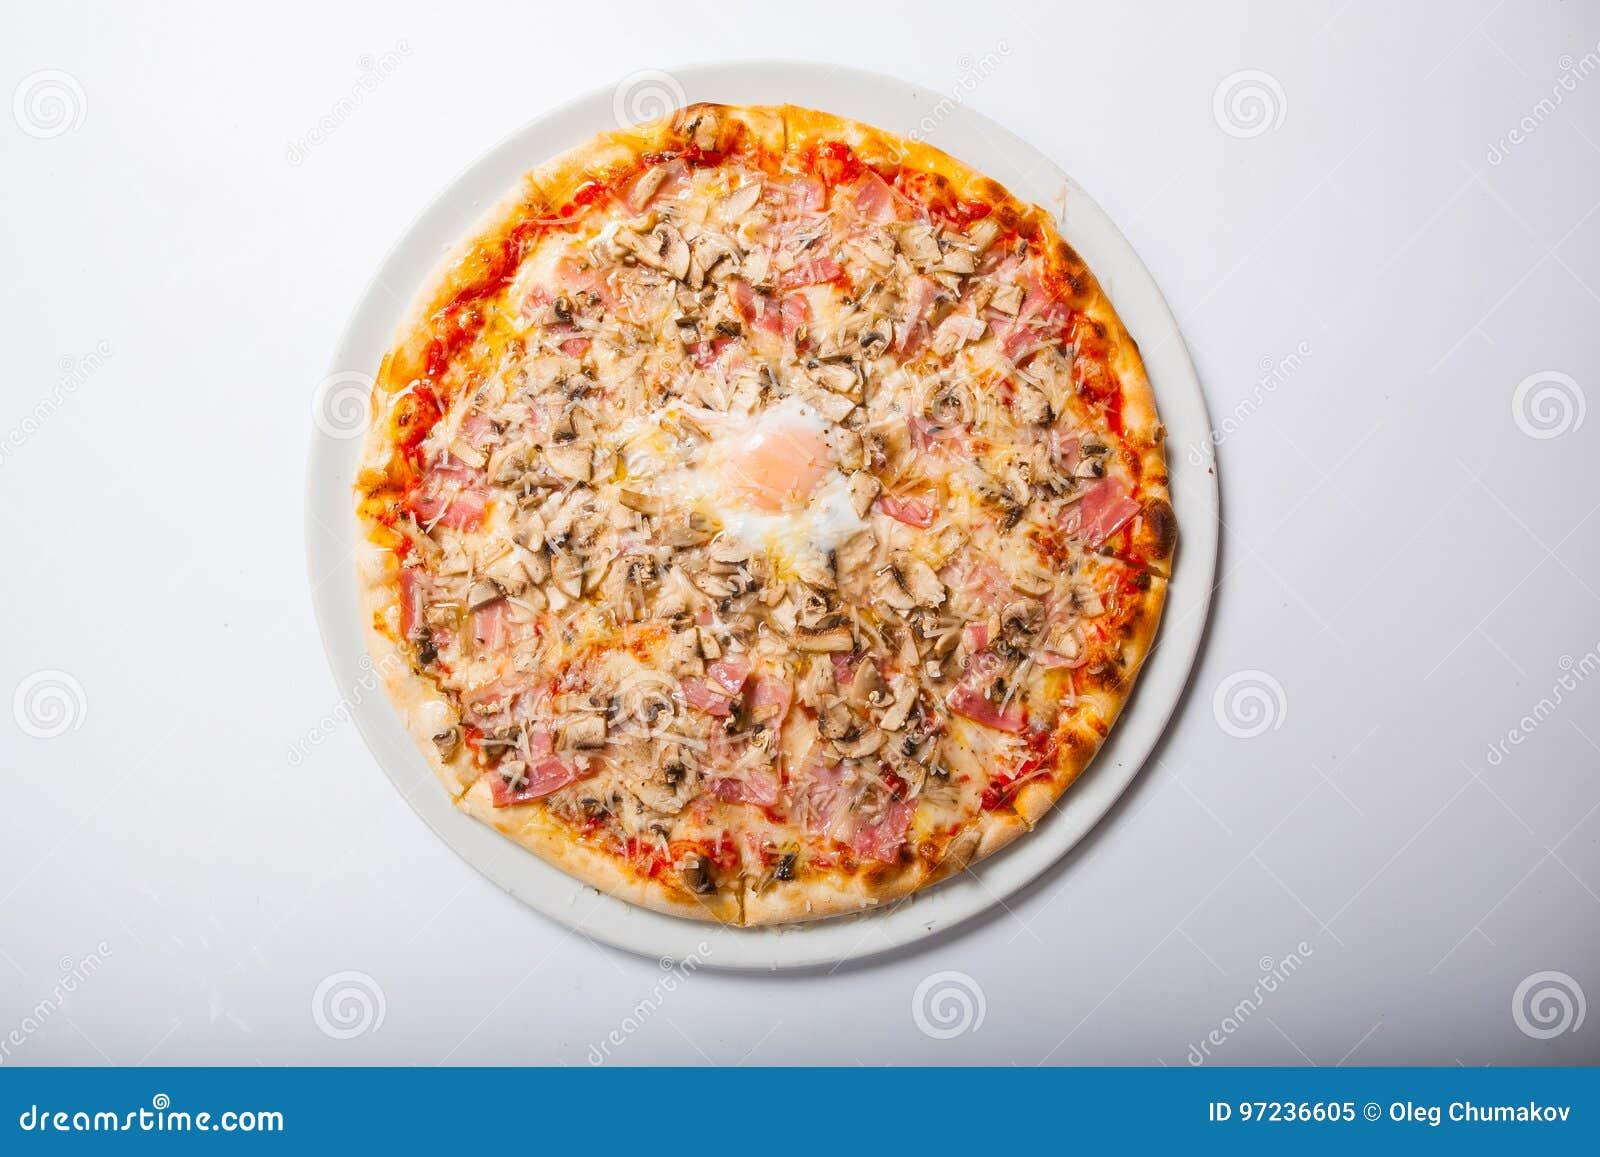 Italien-Pizza mit Eigelbschinken vermehrt sich auf einen weißen Hintergrund explosionsartig